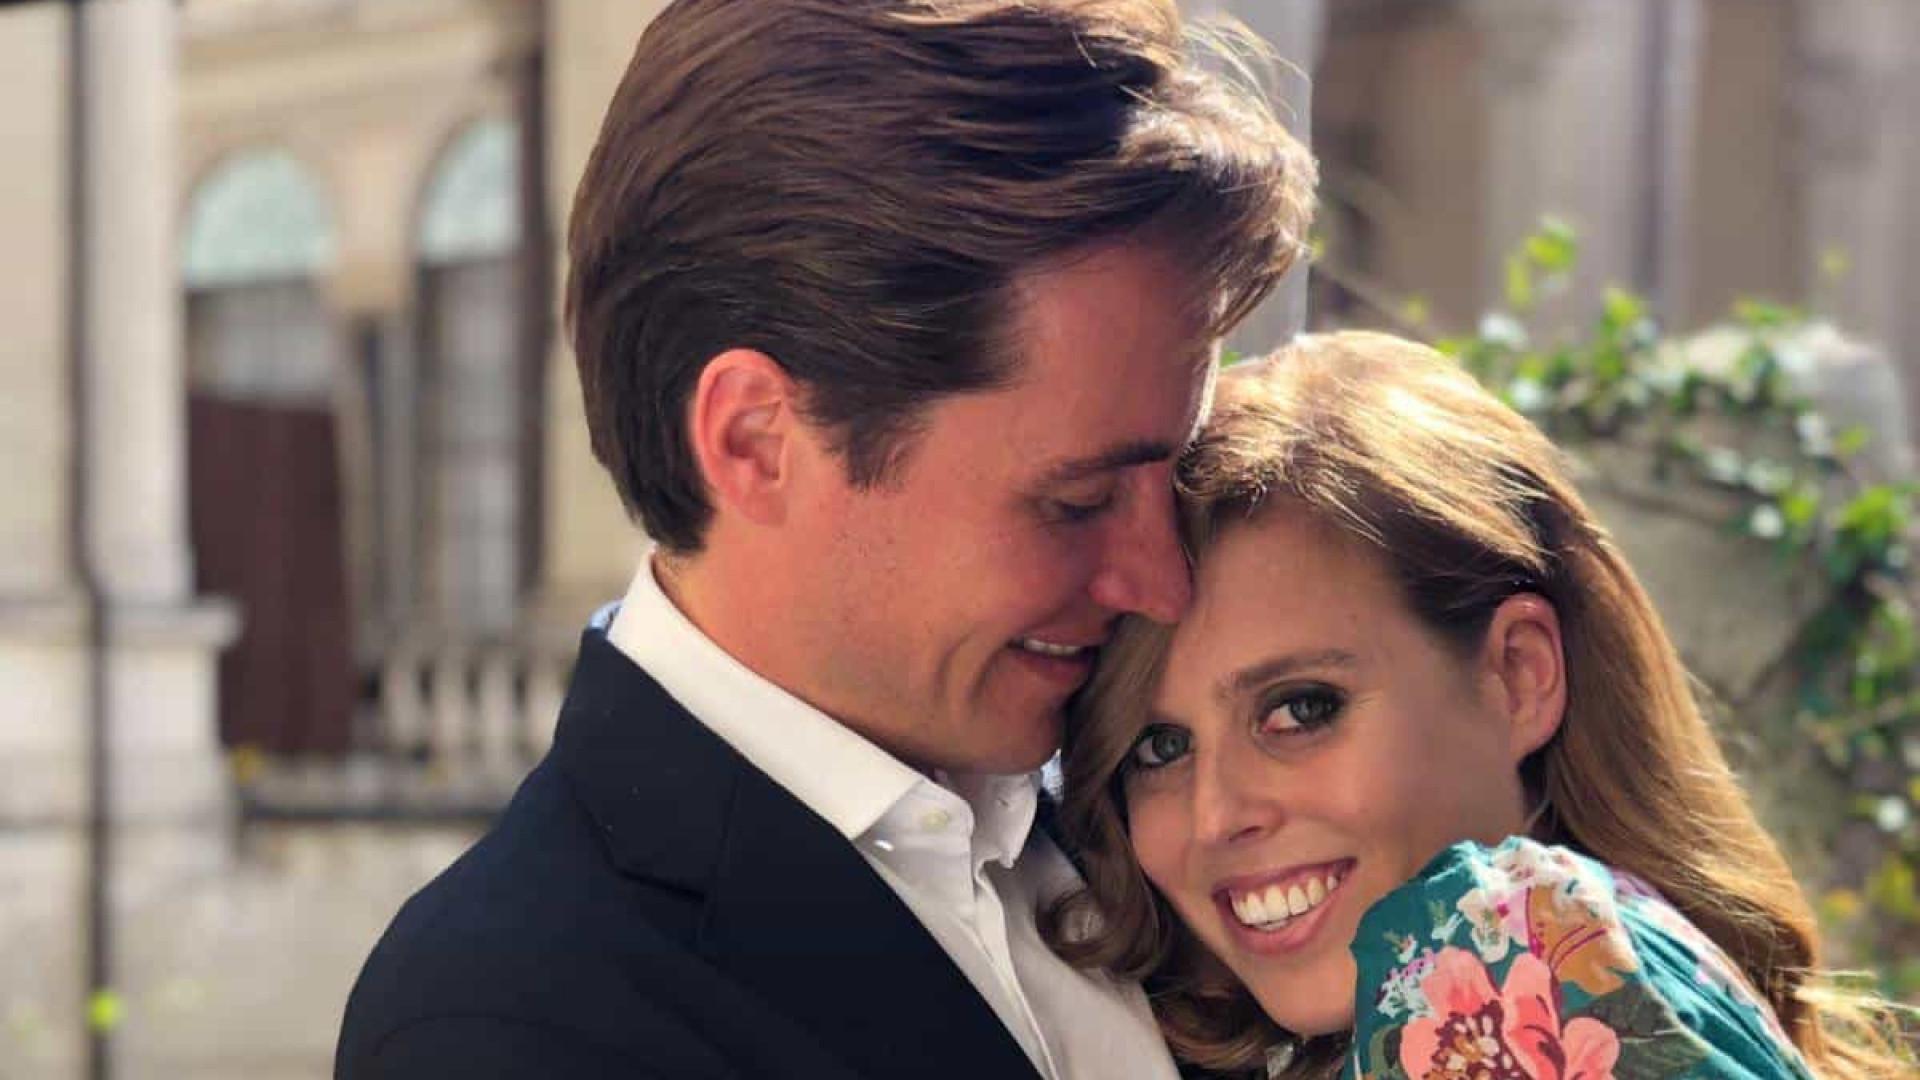 Princesa Beatrice surge pela primeira vez em público após ficar noiva